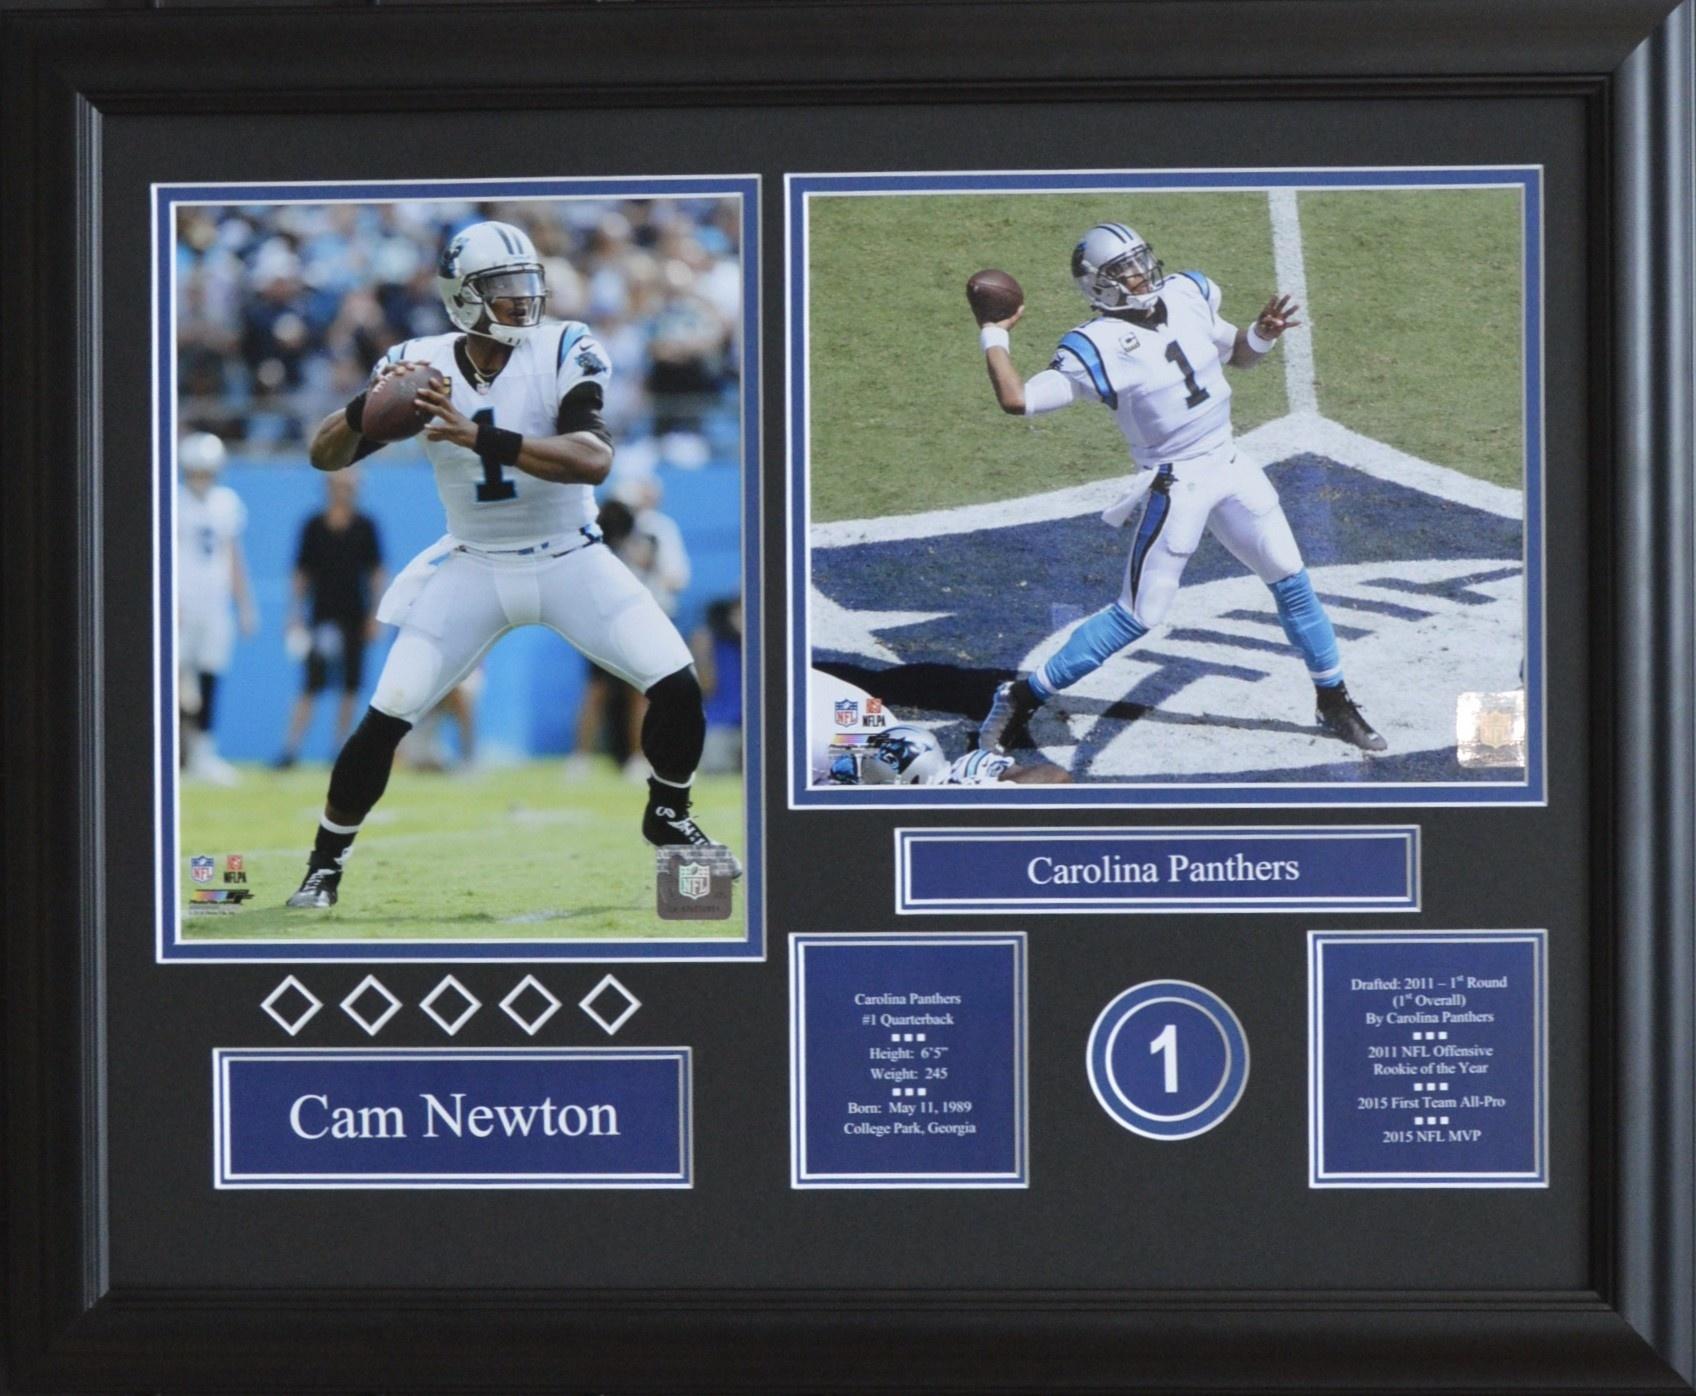 CAM NEWTON 16X20 FRAME - CAROLINA PANTHERS